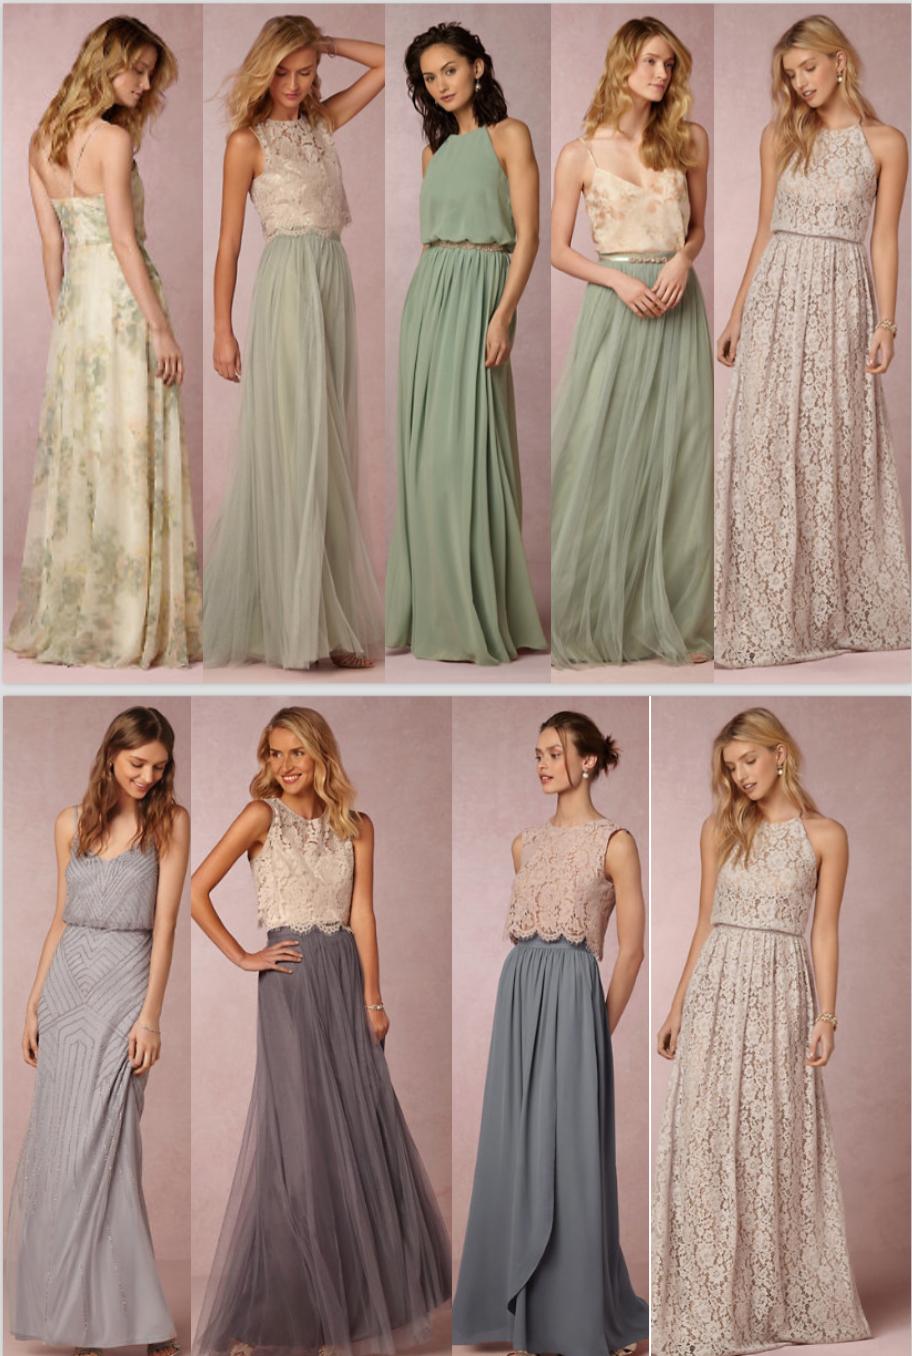 Brautkleider in Pastell Tönen  Kleid hochzeit, Kleider hochzeit